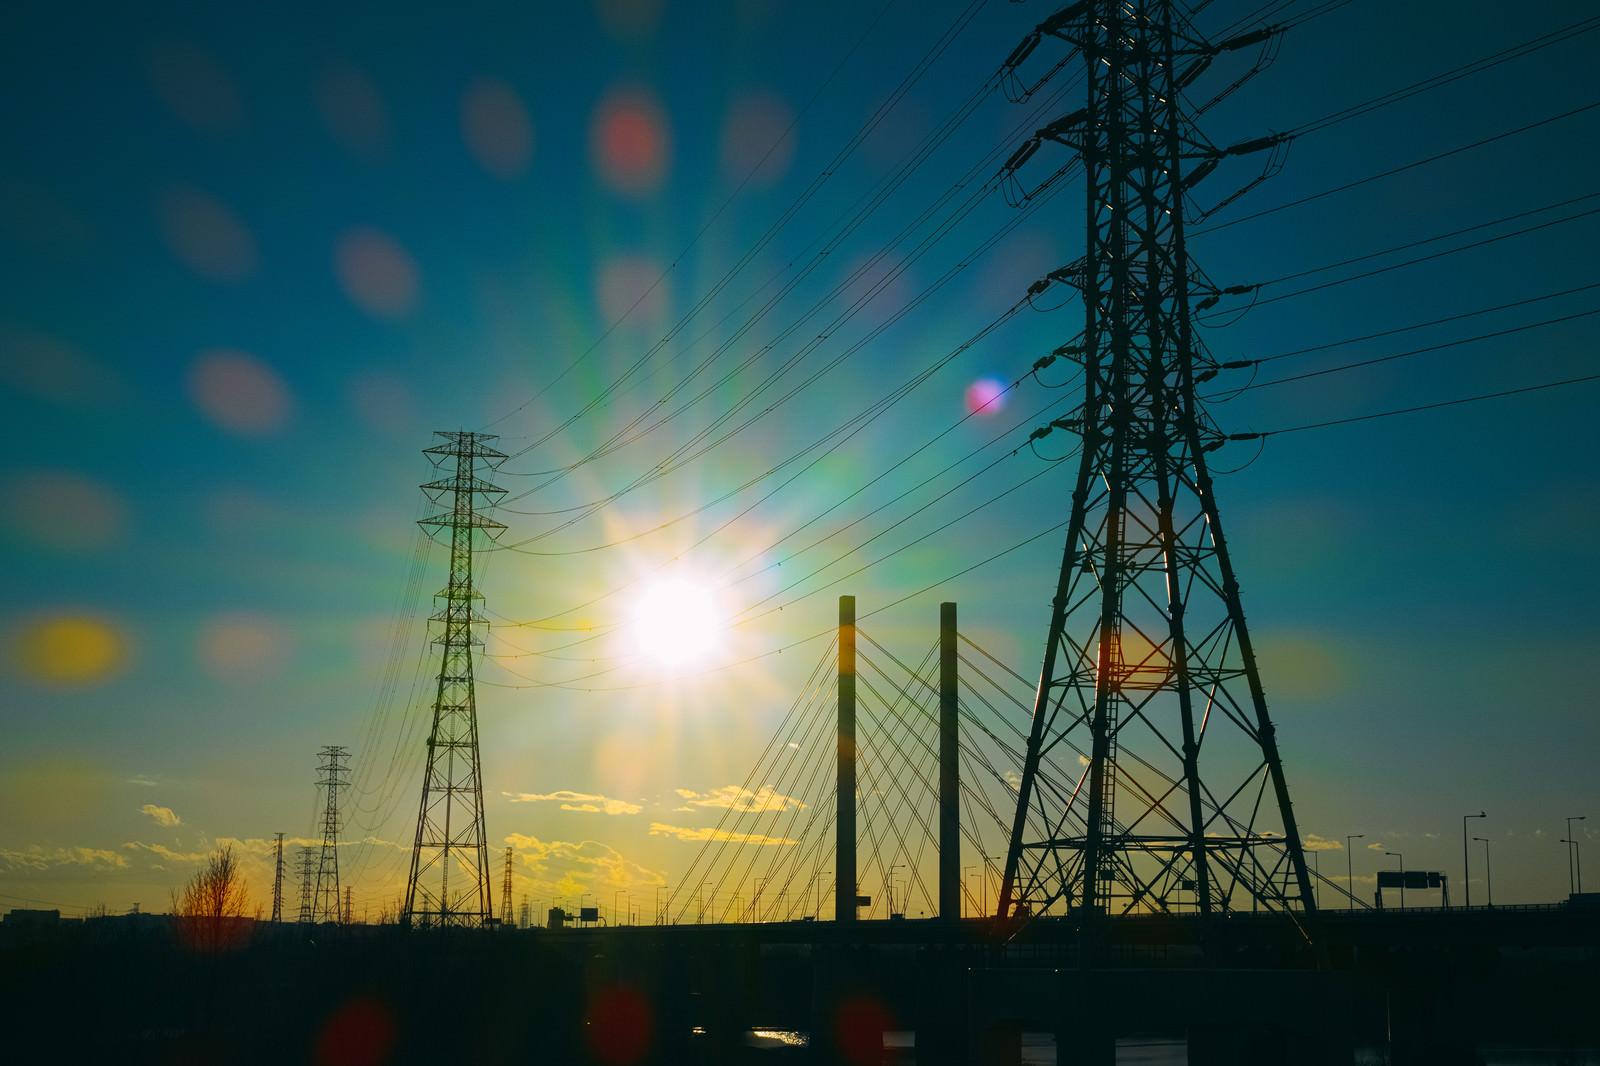 「夕暮れと鉄塔のシルエット」の写真